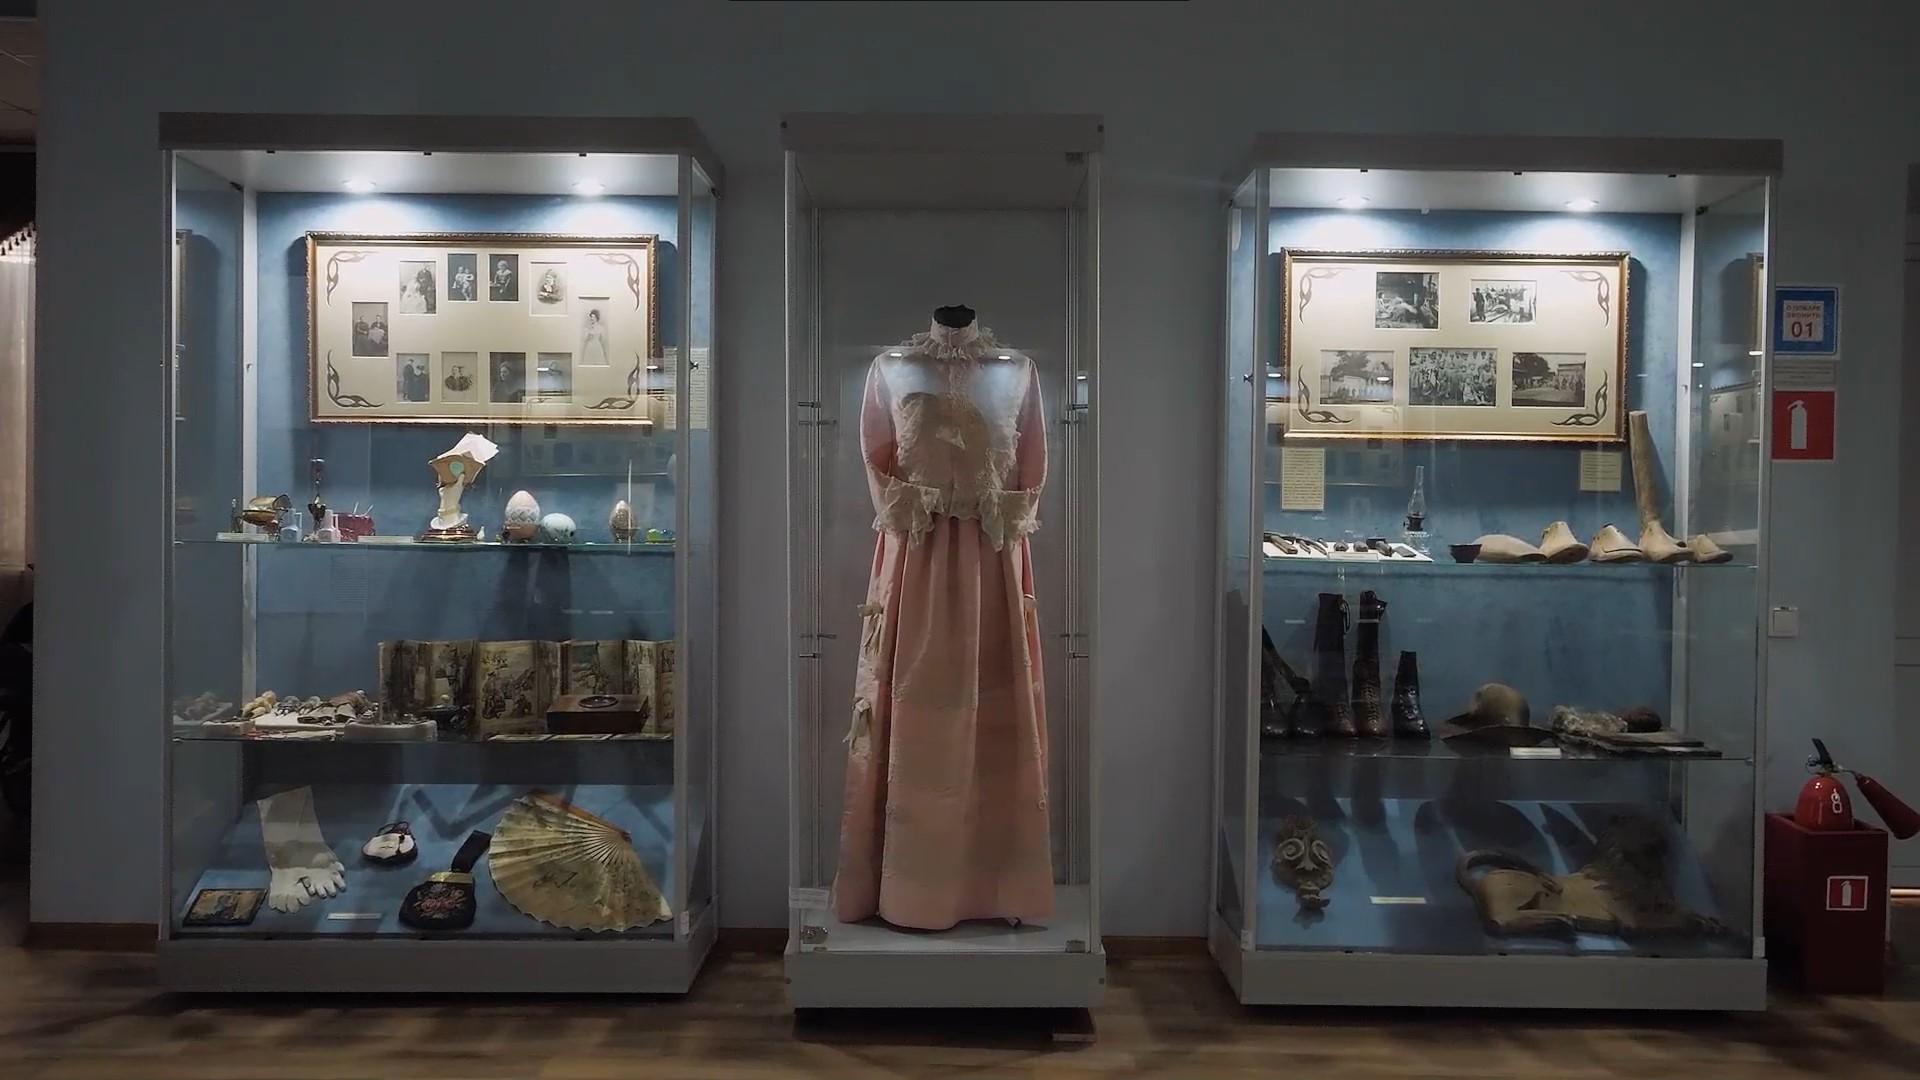 Посетить Историко-художественный музей города Арзамаса теперь можно онлайн